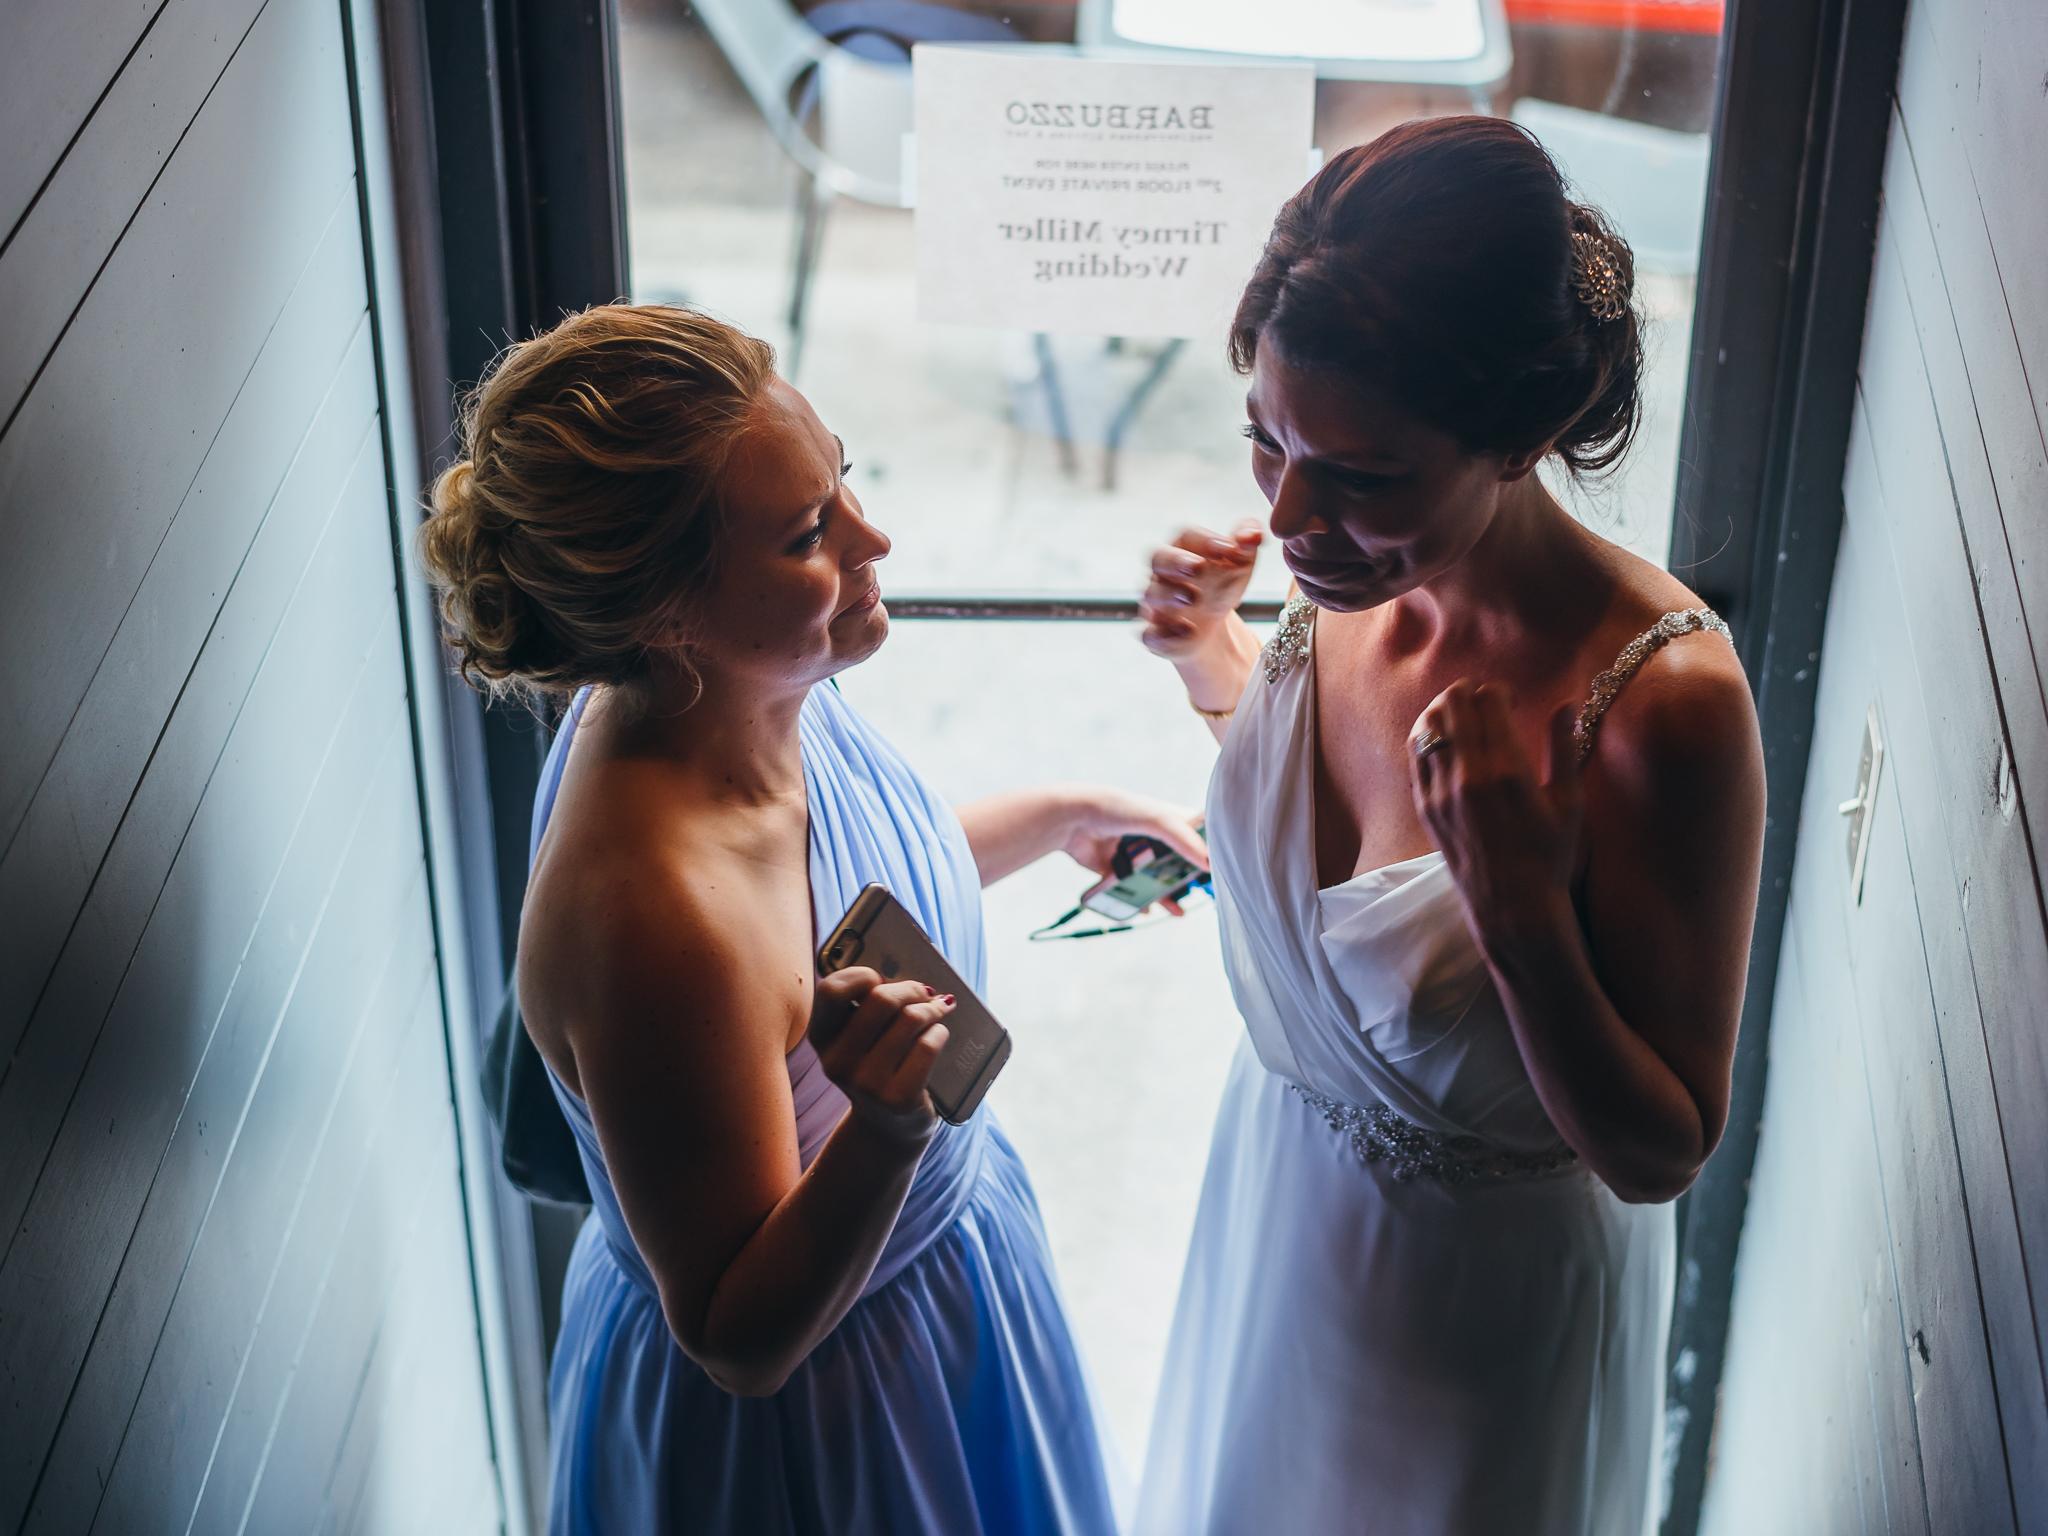 Barbuzzo_wedding_nw-0006.jpg